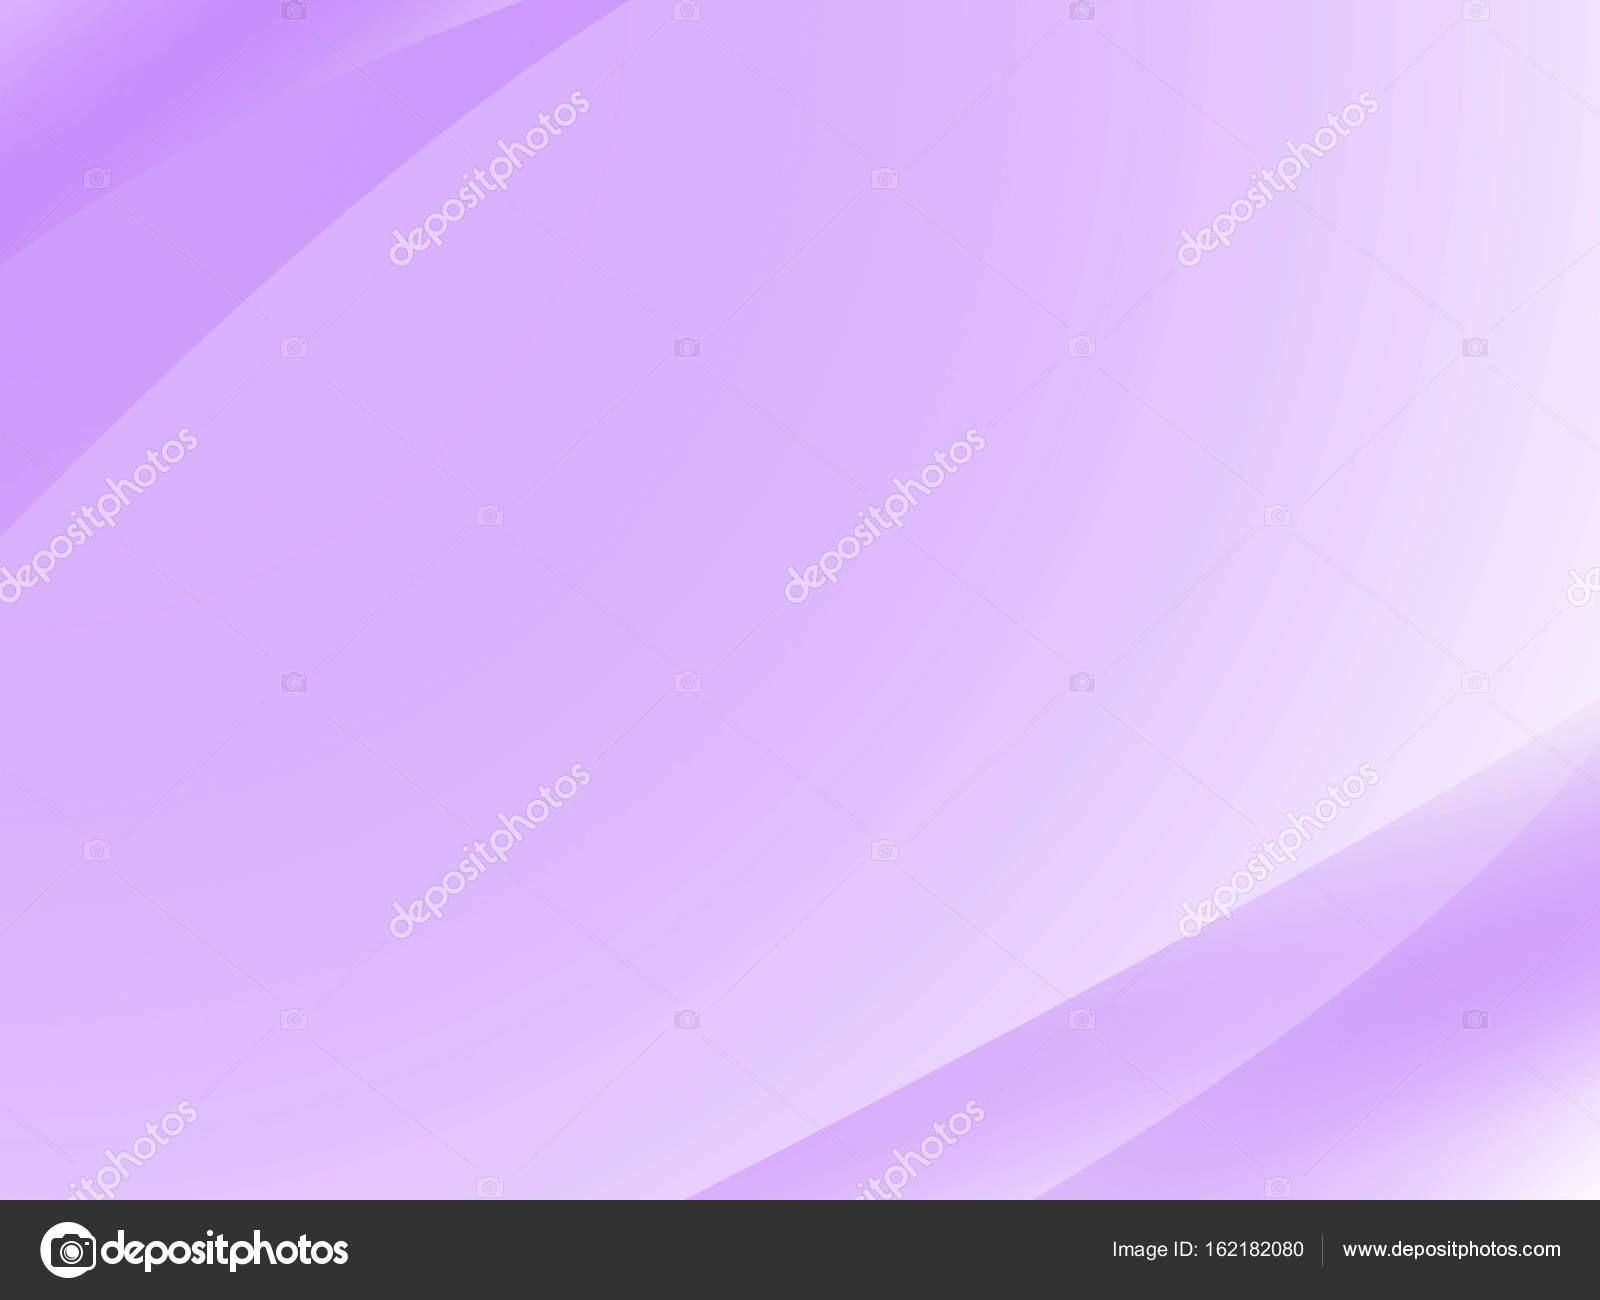 Abstrait Violet Ou Une Texture Pour Carte De Visite Conception Fond Avec Un Espace Le Texte Image Ascom73